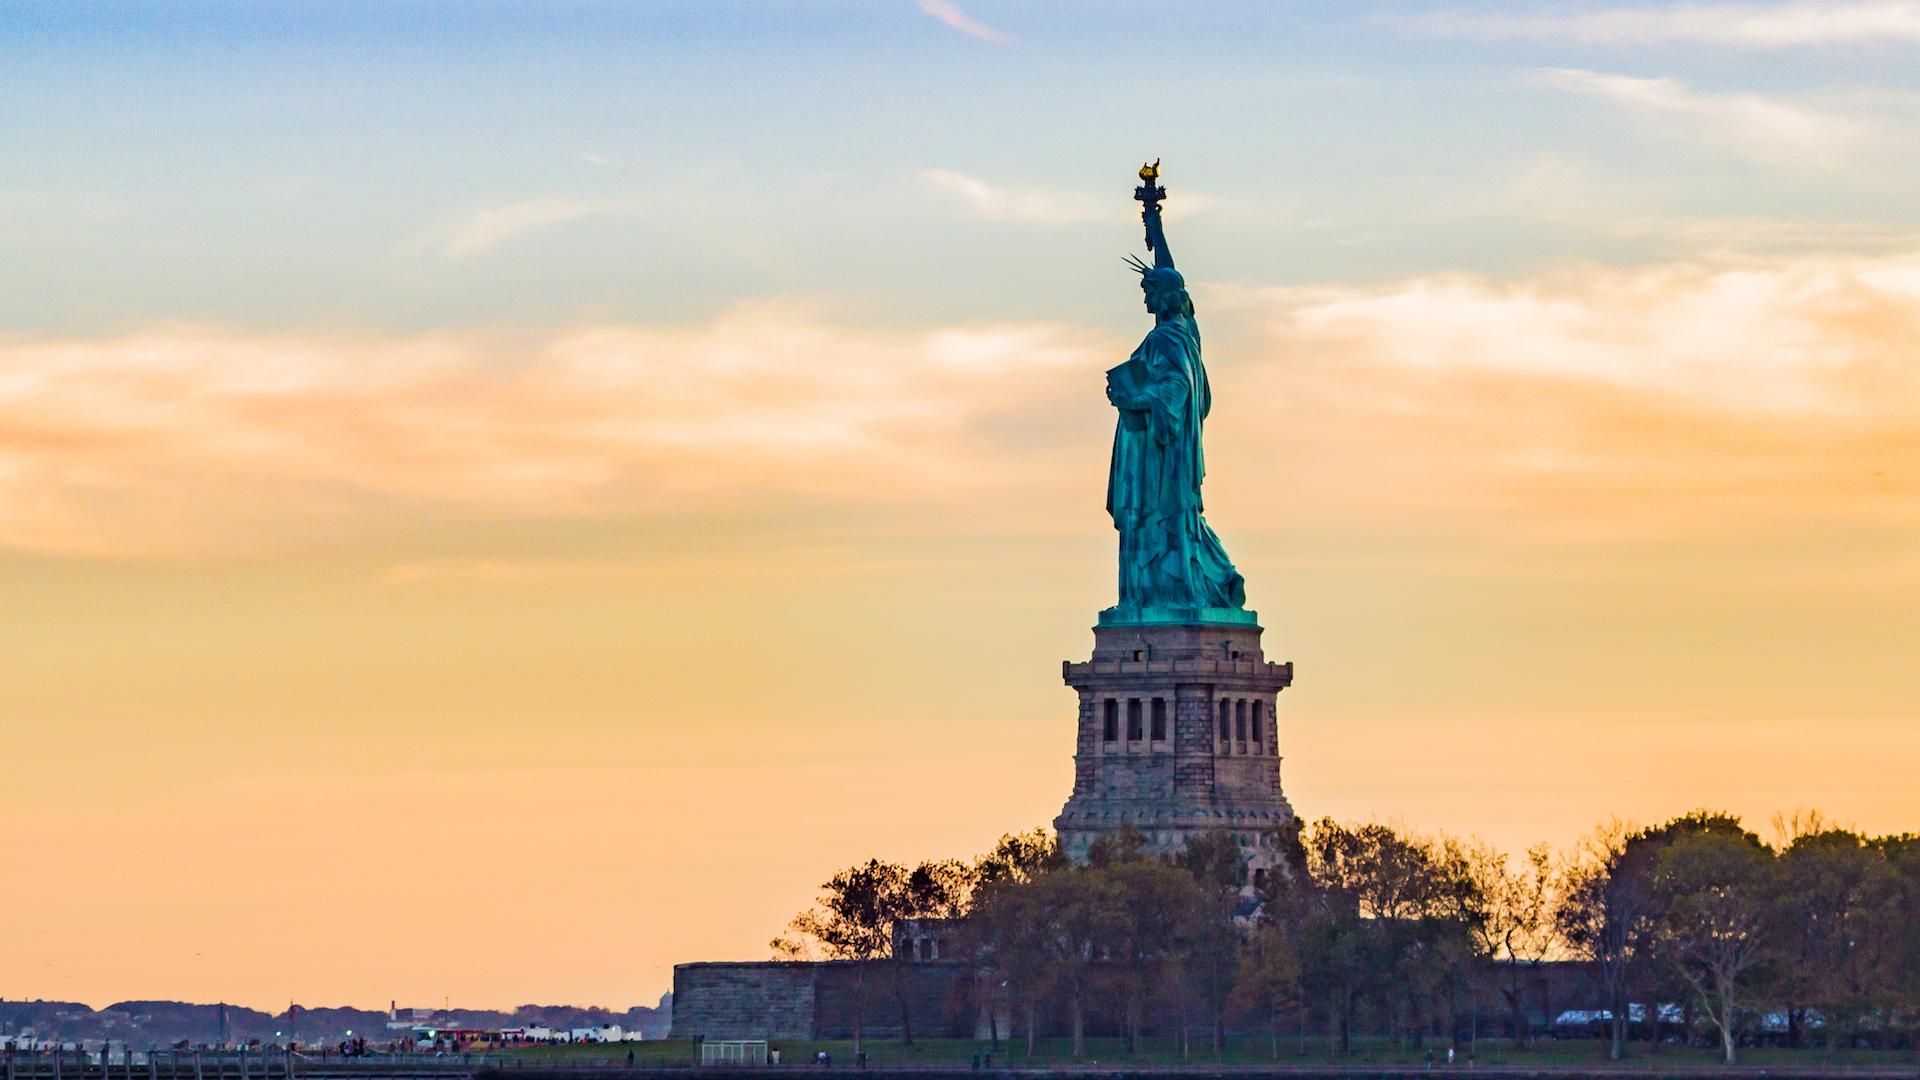 Qué requisitos se necesitan para viajar a Nueva York: test PCR y cuarentena